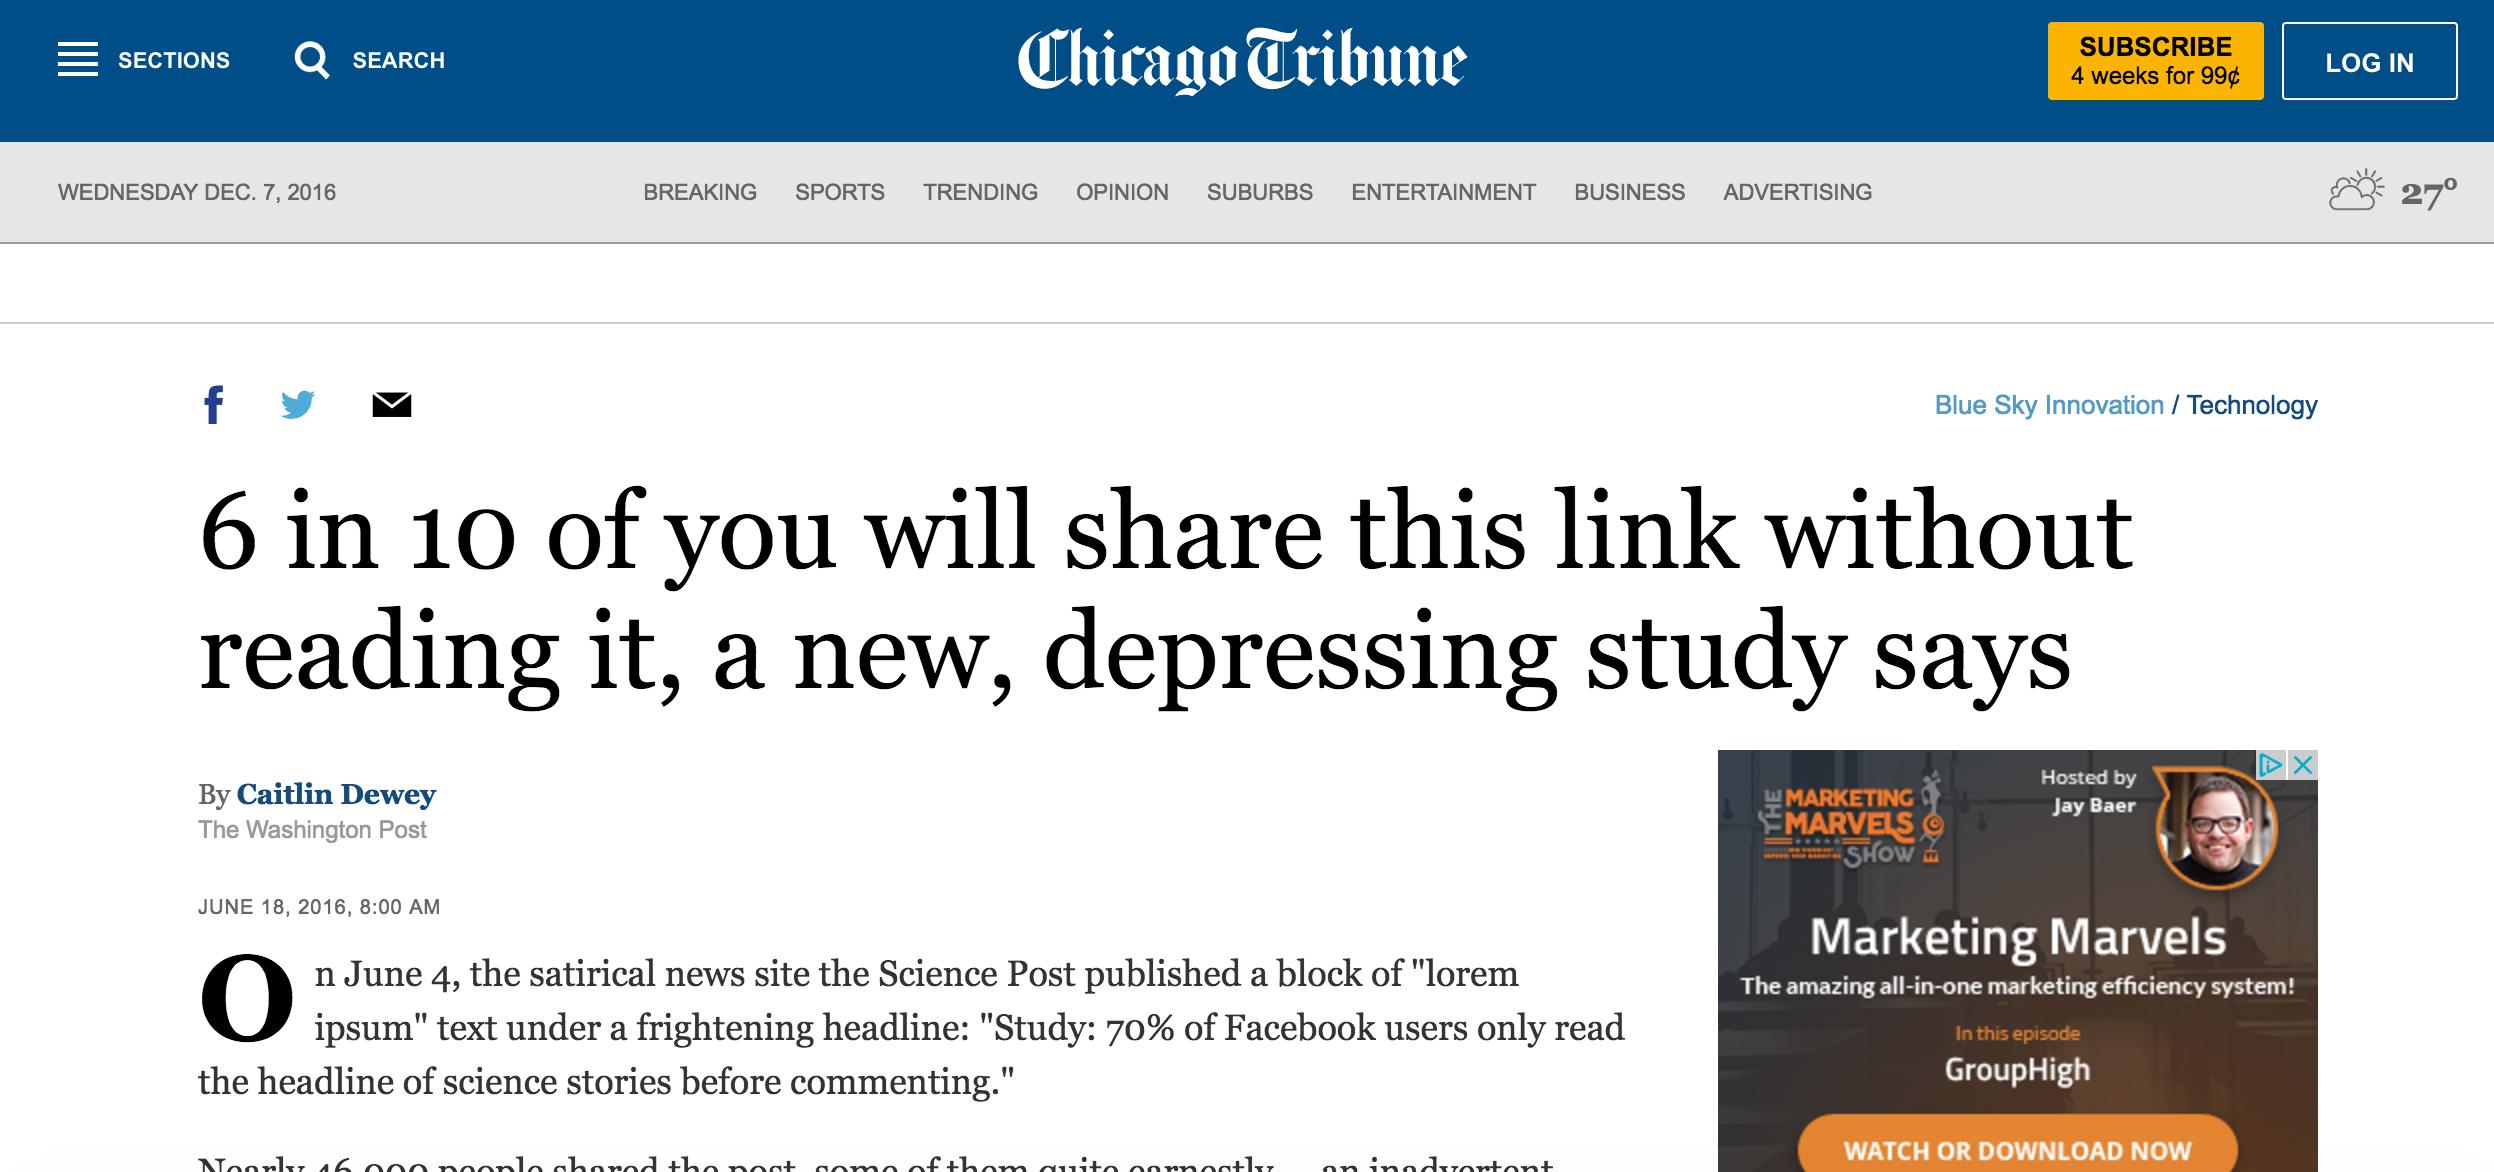 chicagotribune article